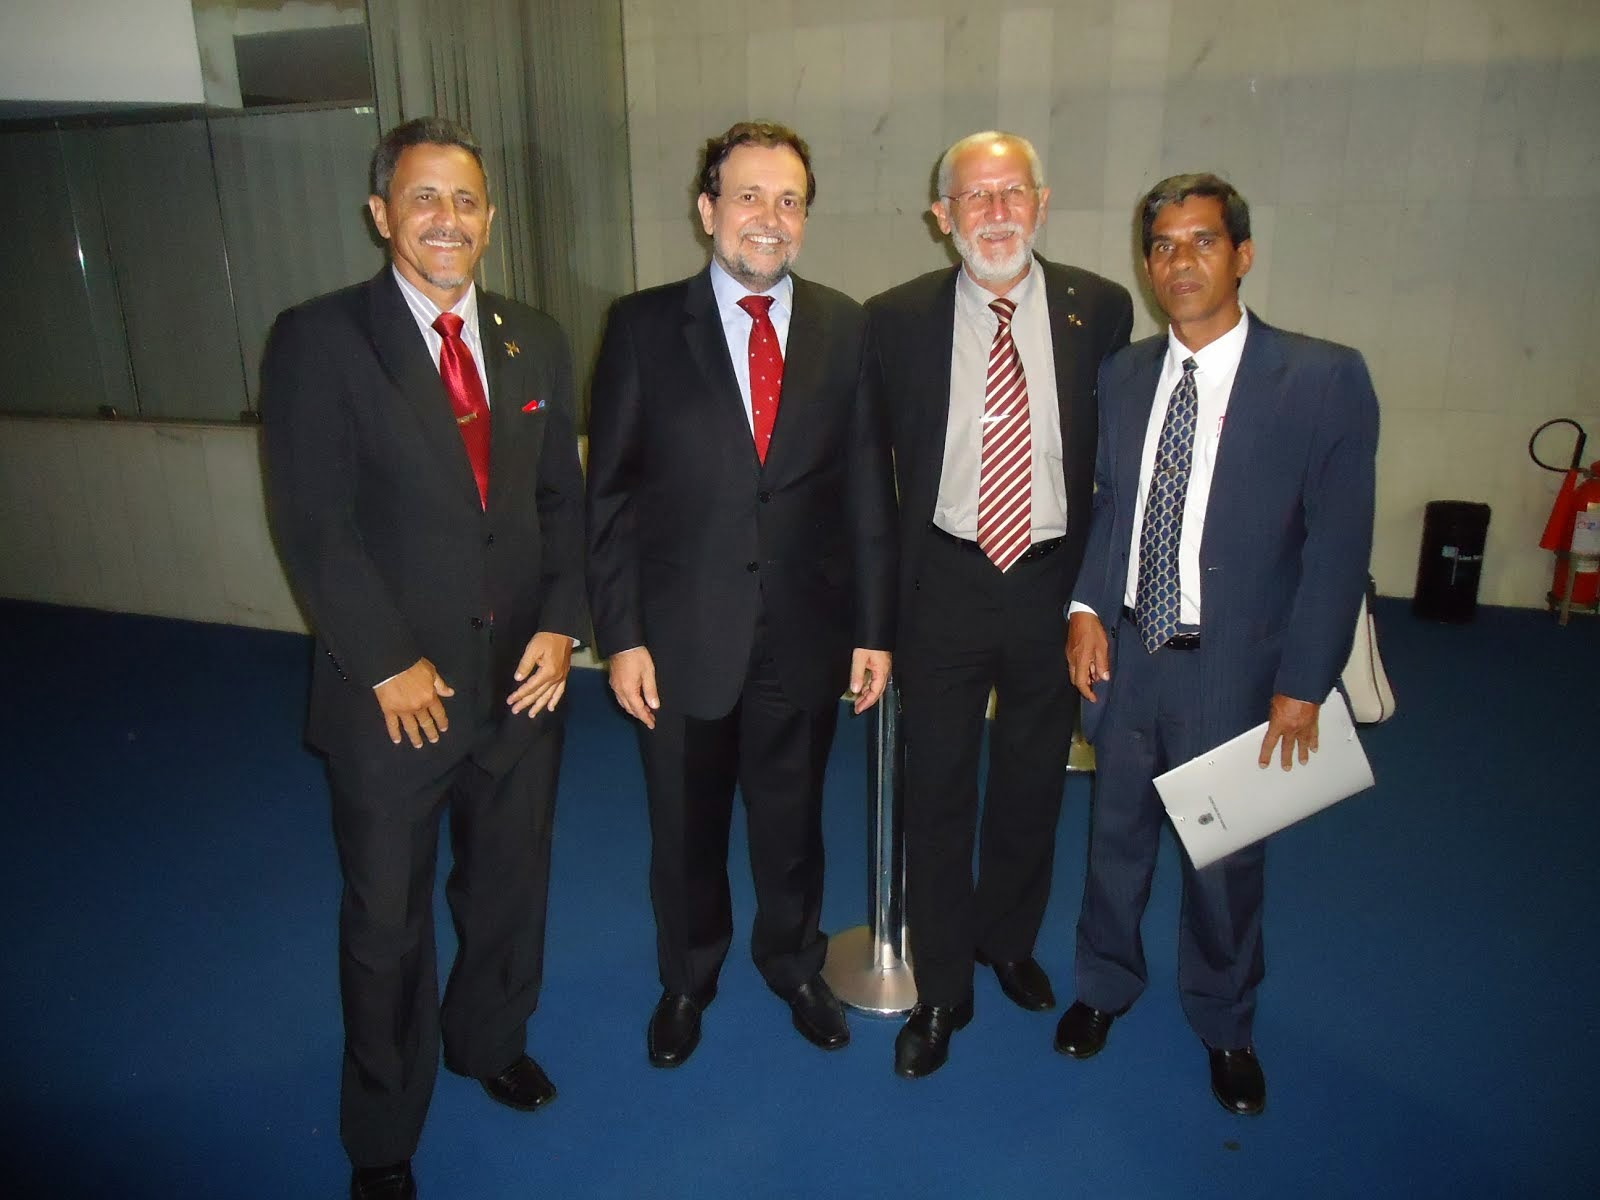 QPS E COMISSÃO DA BAHIA